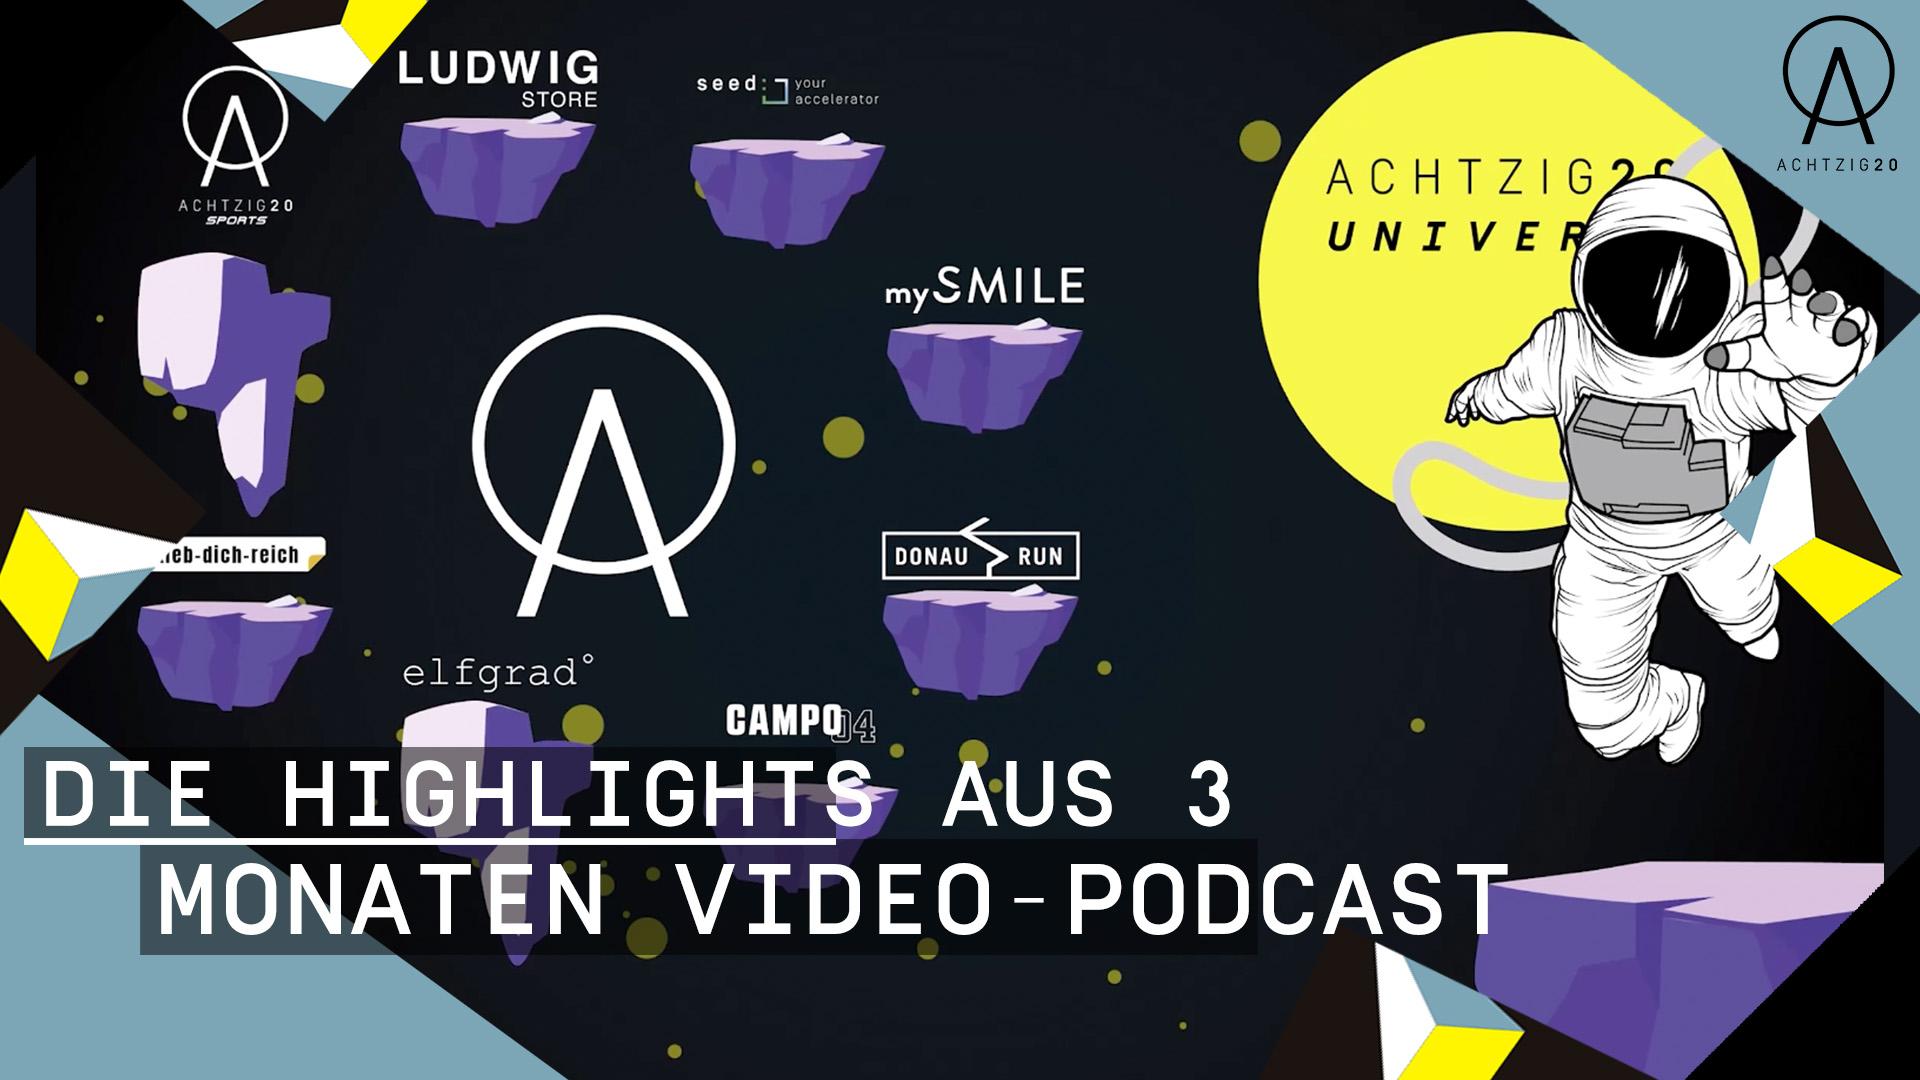 Unterm Strich Folge #045: Die Highlights aus 3 Monaten Video-Podcast